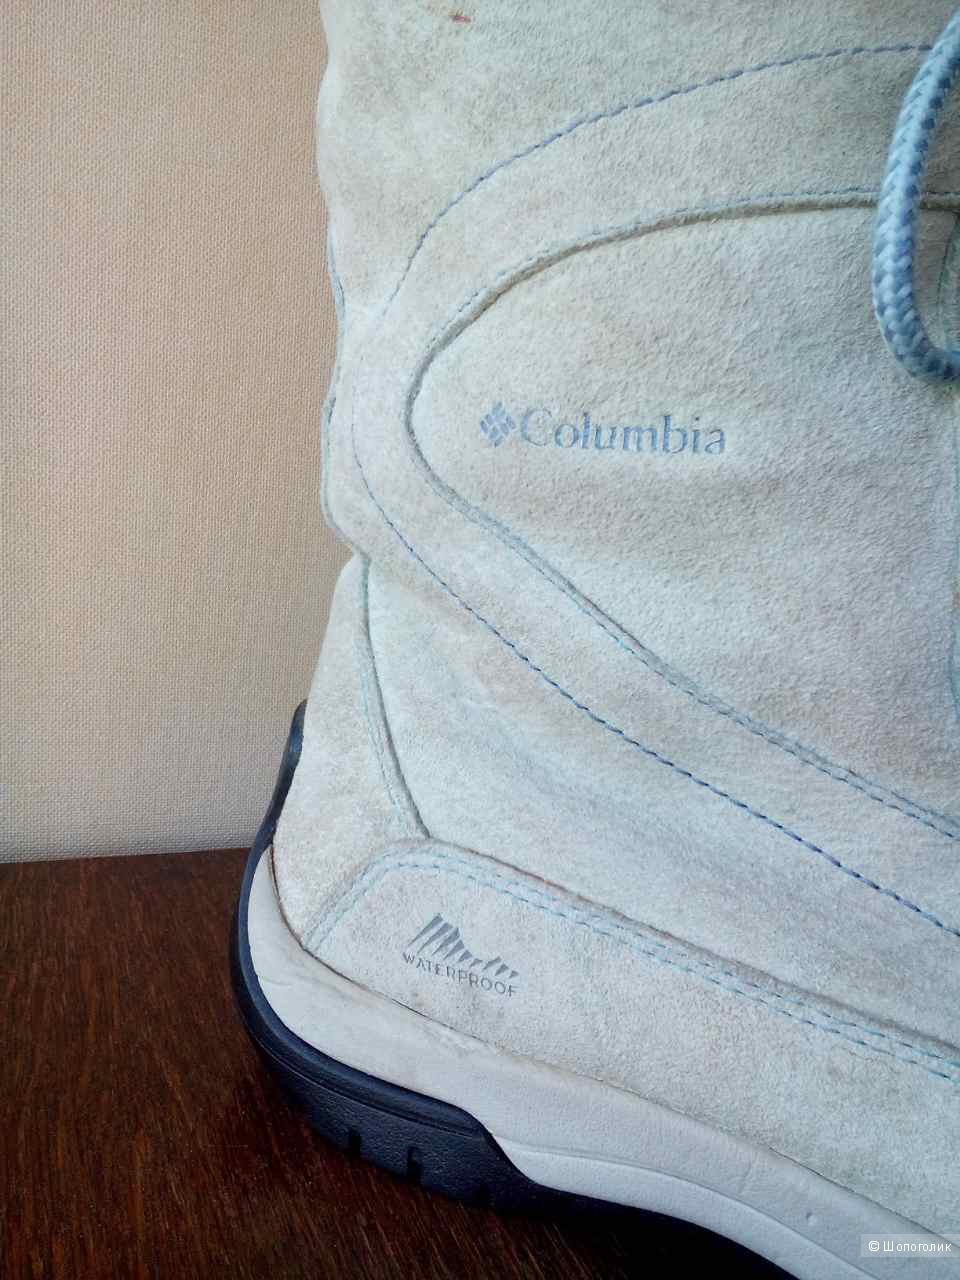 Сапоги columbia waterproof, размер 40